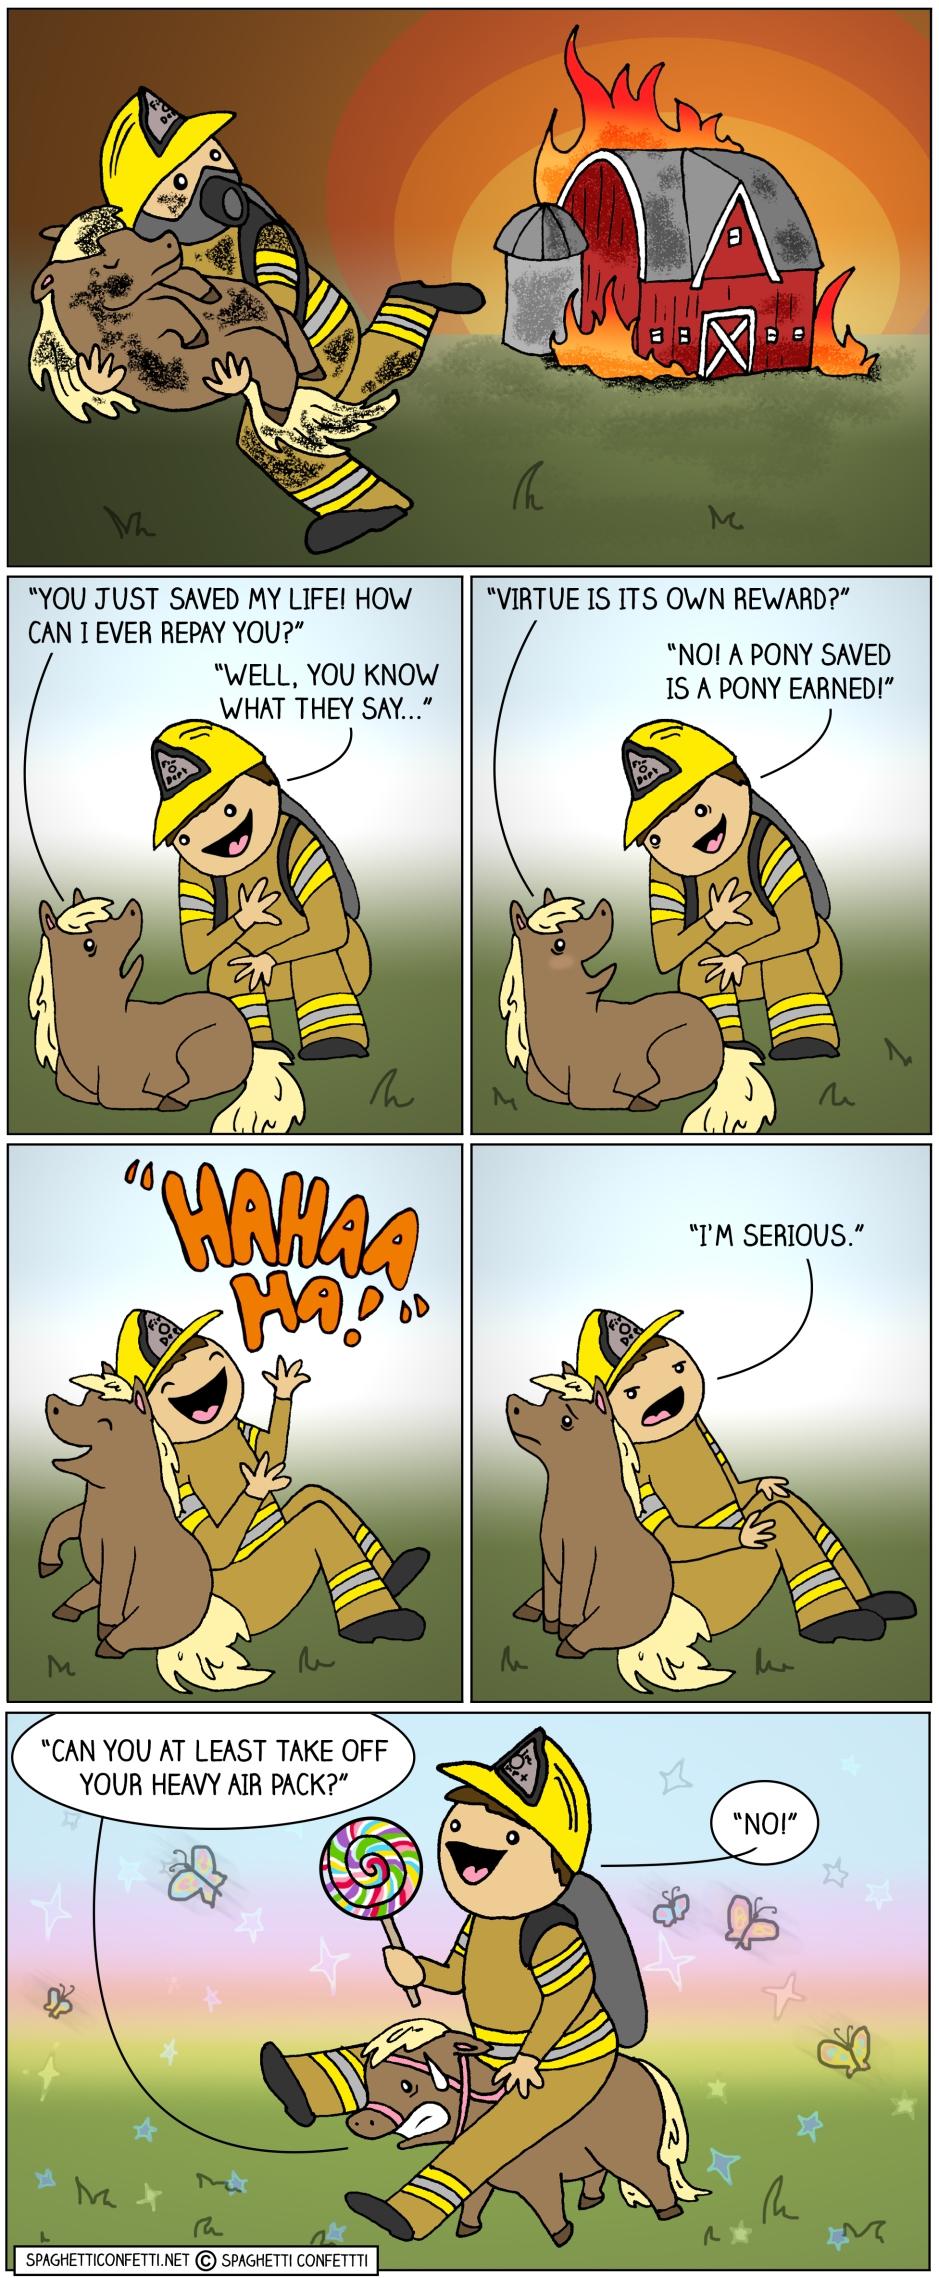 firefighter_110.jpg